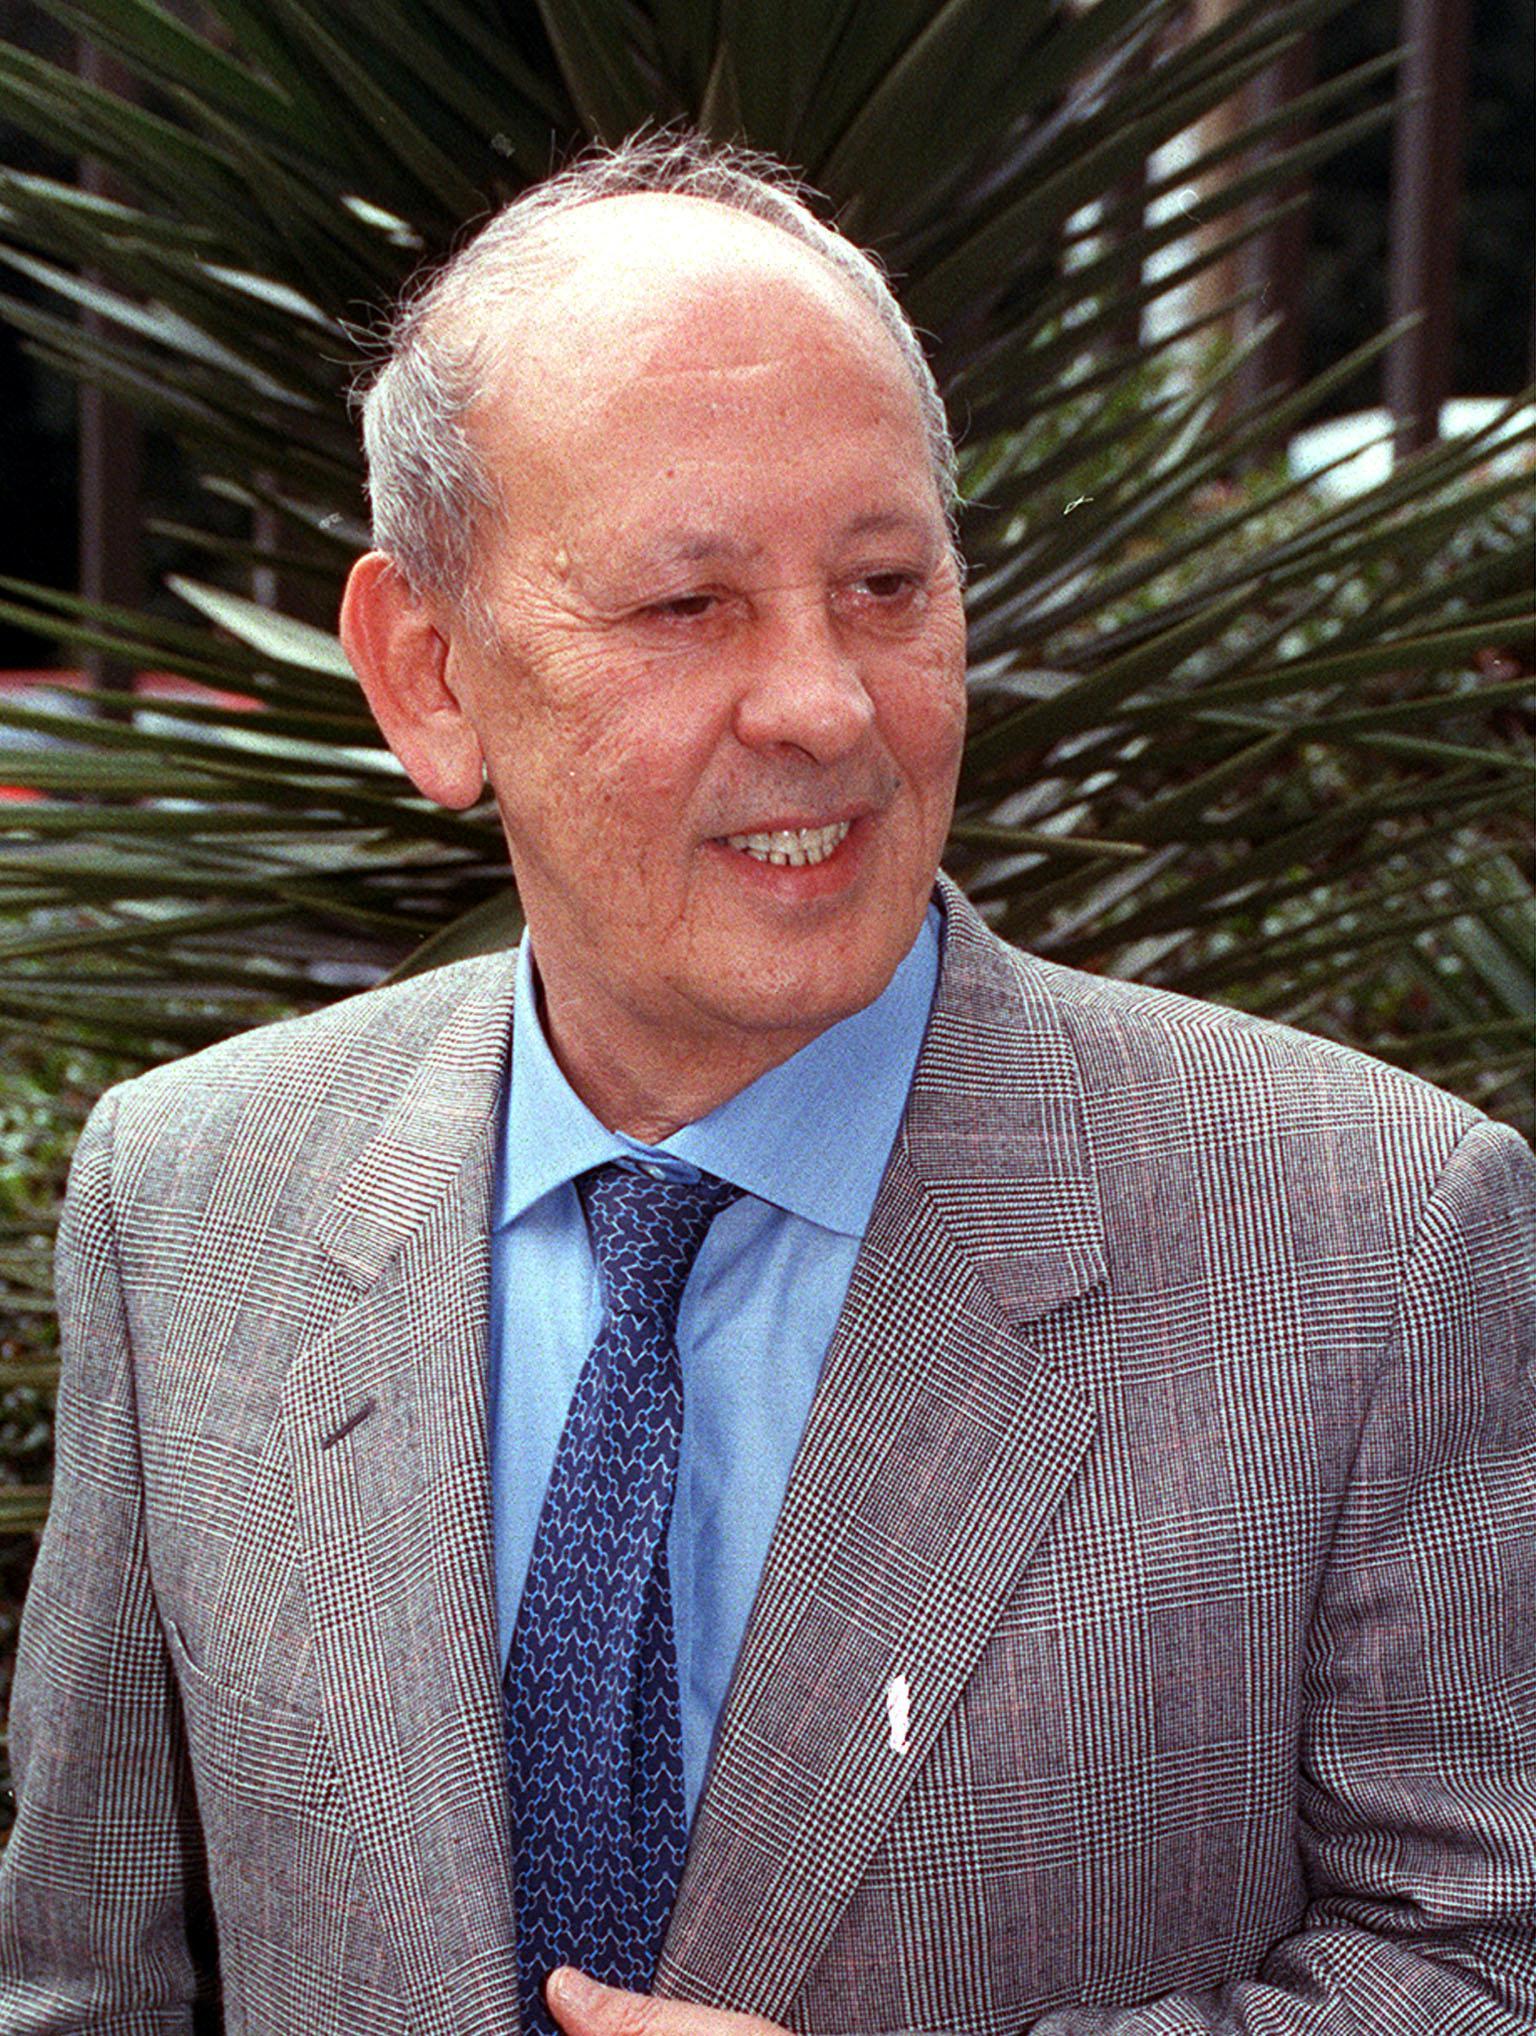 Morto Longhi, storico direttore Tg1